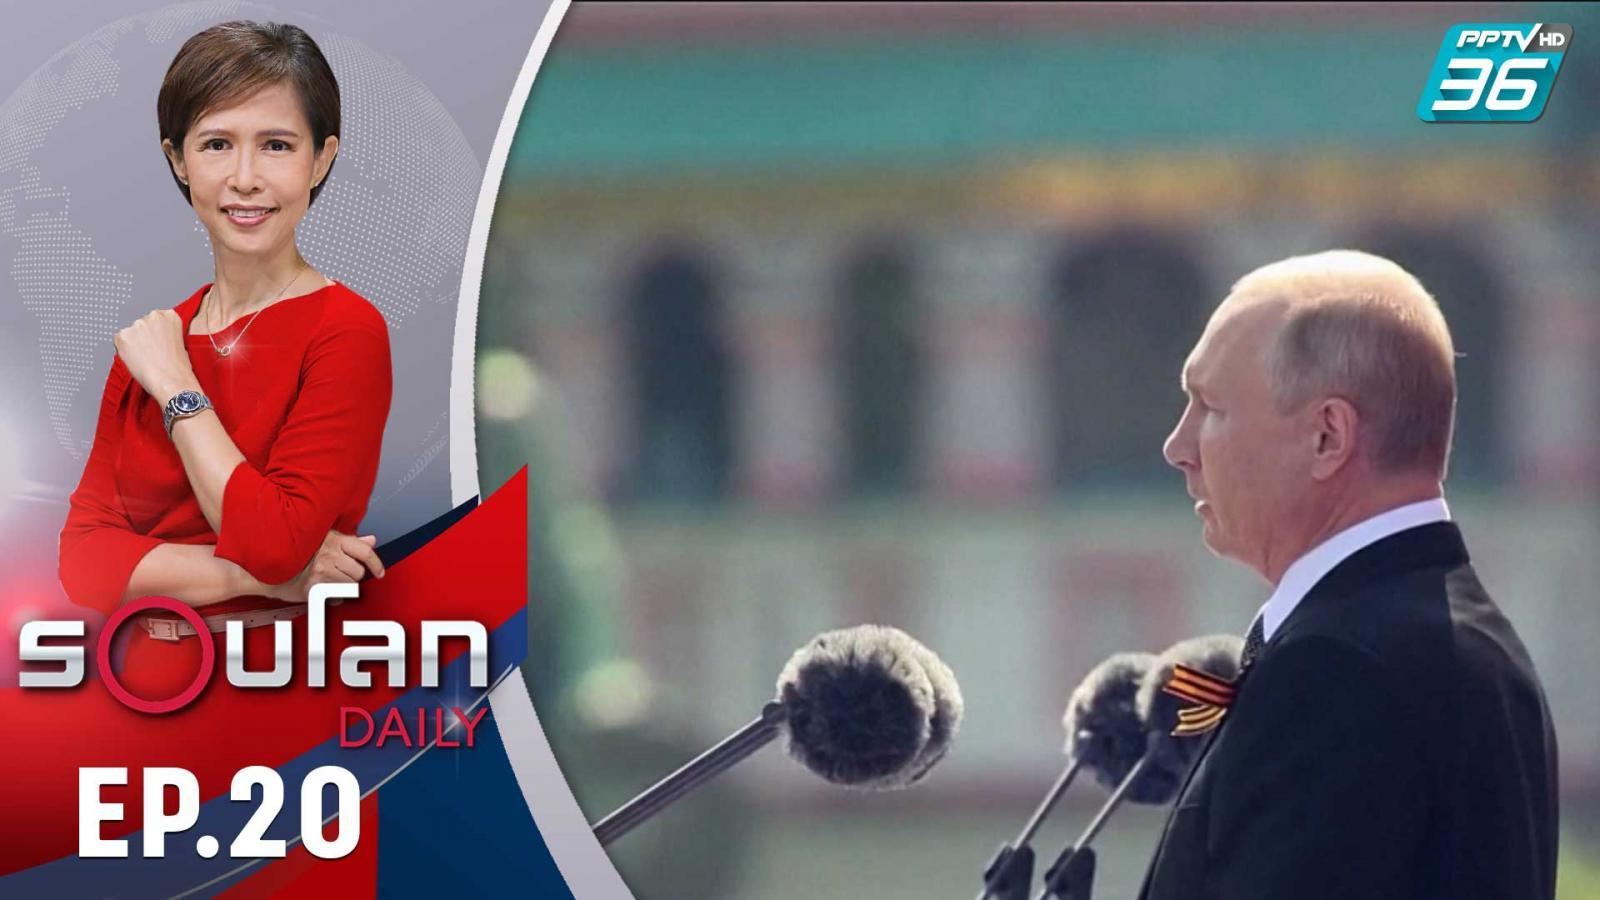 วลาดิเมียร์ ปูติน ปลุกกระแสรักชาติ ปูทางก่อนลงประชามติ